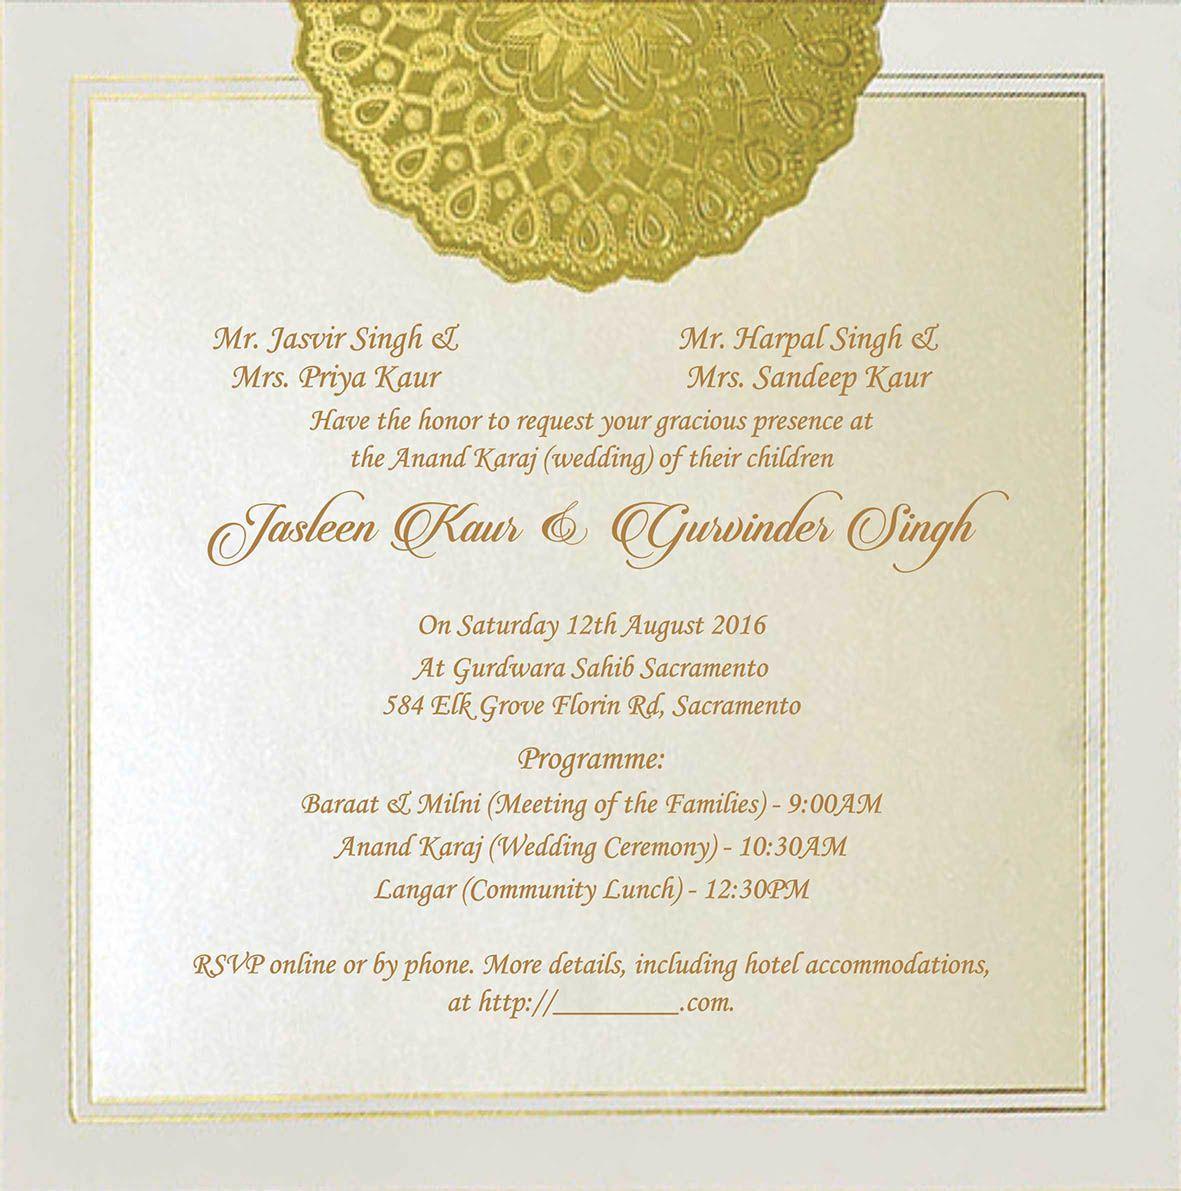 Wedding Invitation Wording For Sikh Wedding Ceremony   Sikh Wedding ...